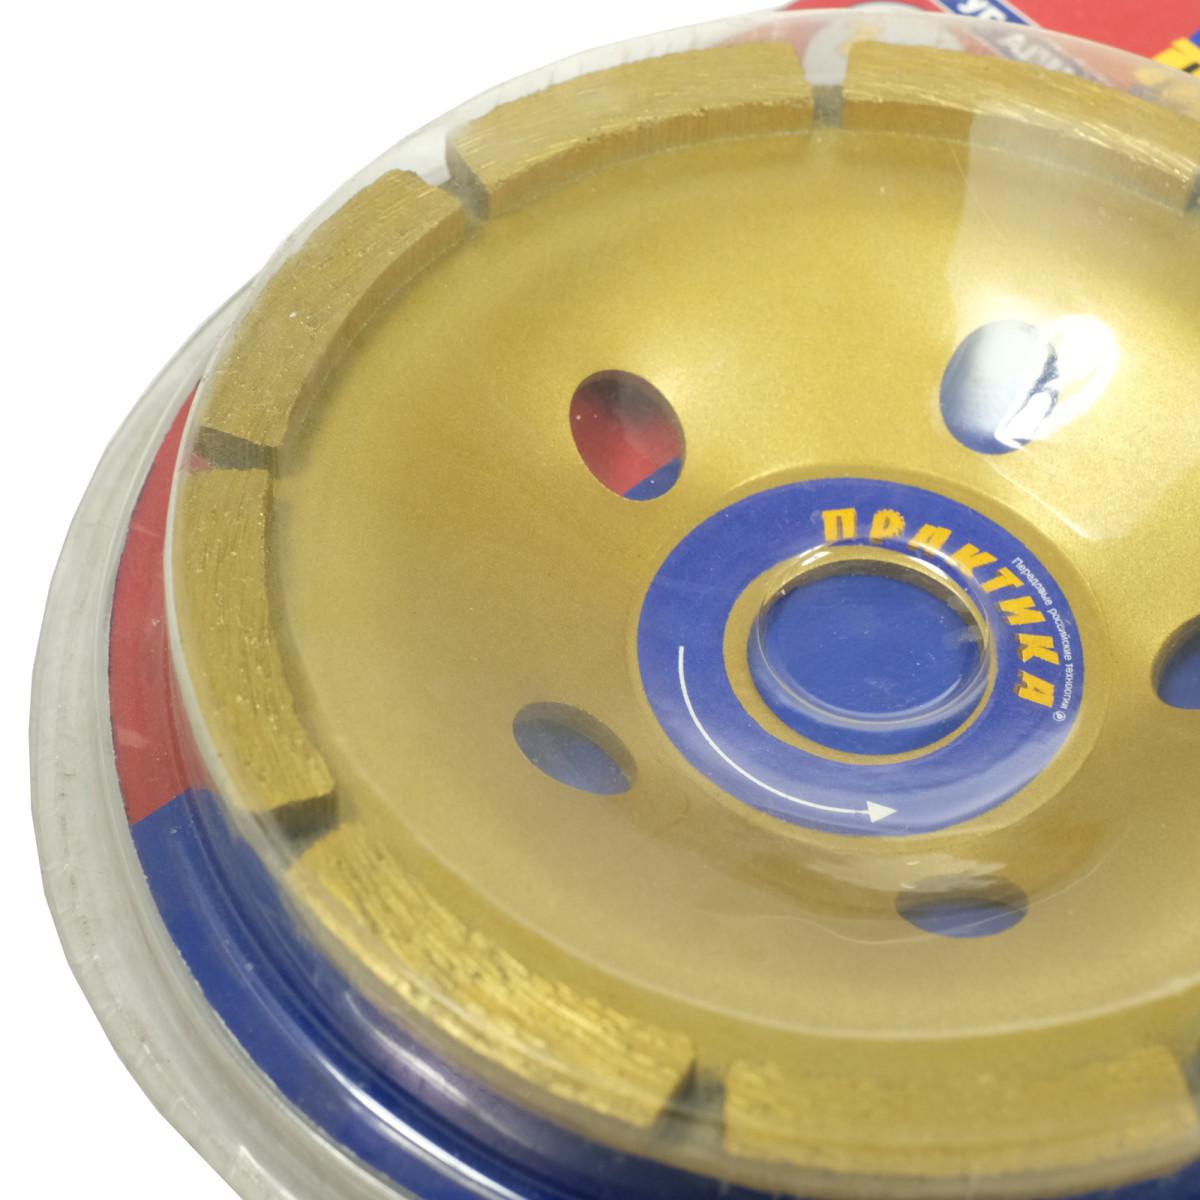 Чашка Алмазная Практика Эксперт 030-931 Шлифовальная 1-Рядная 125 Х 22 1  Блистер